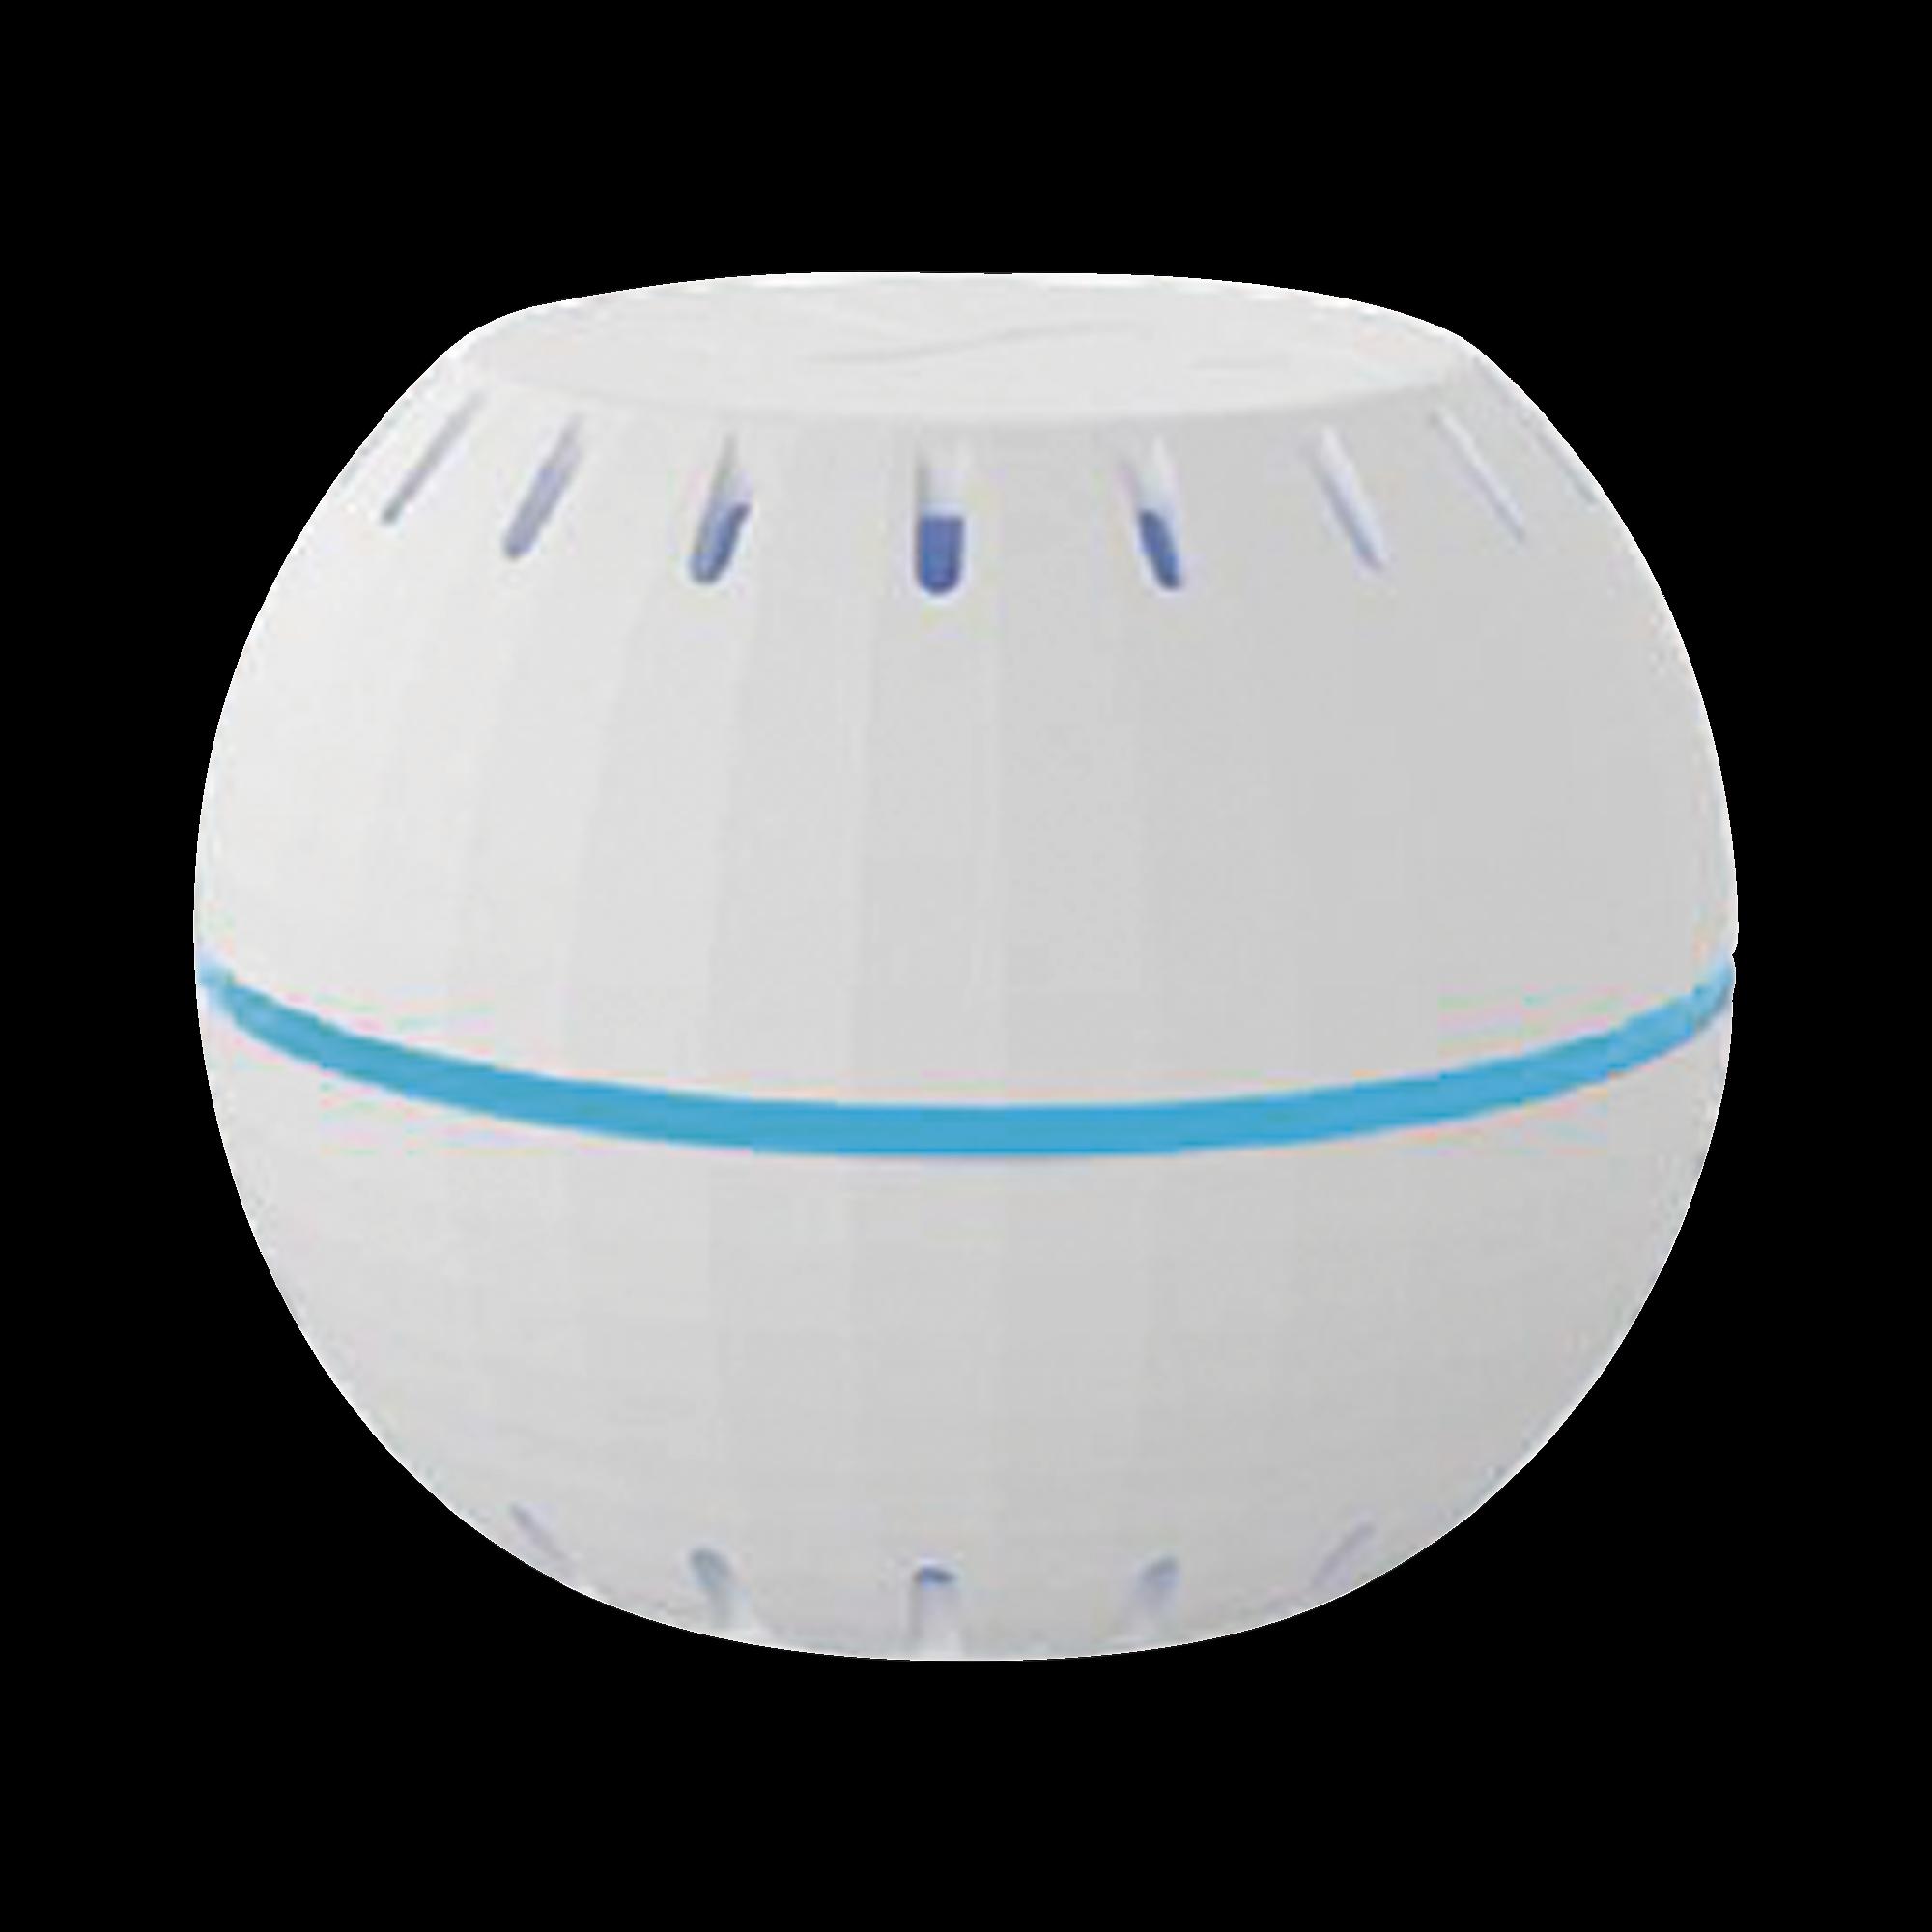 Sensor inalámbrico de temperatura y humedad, App gratis, métricas de lectura en graficas y notificaciones en celular.